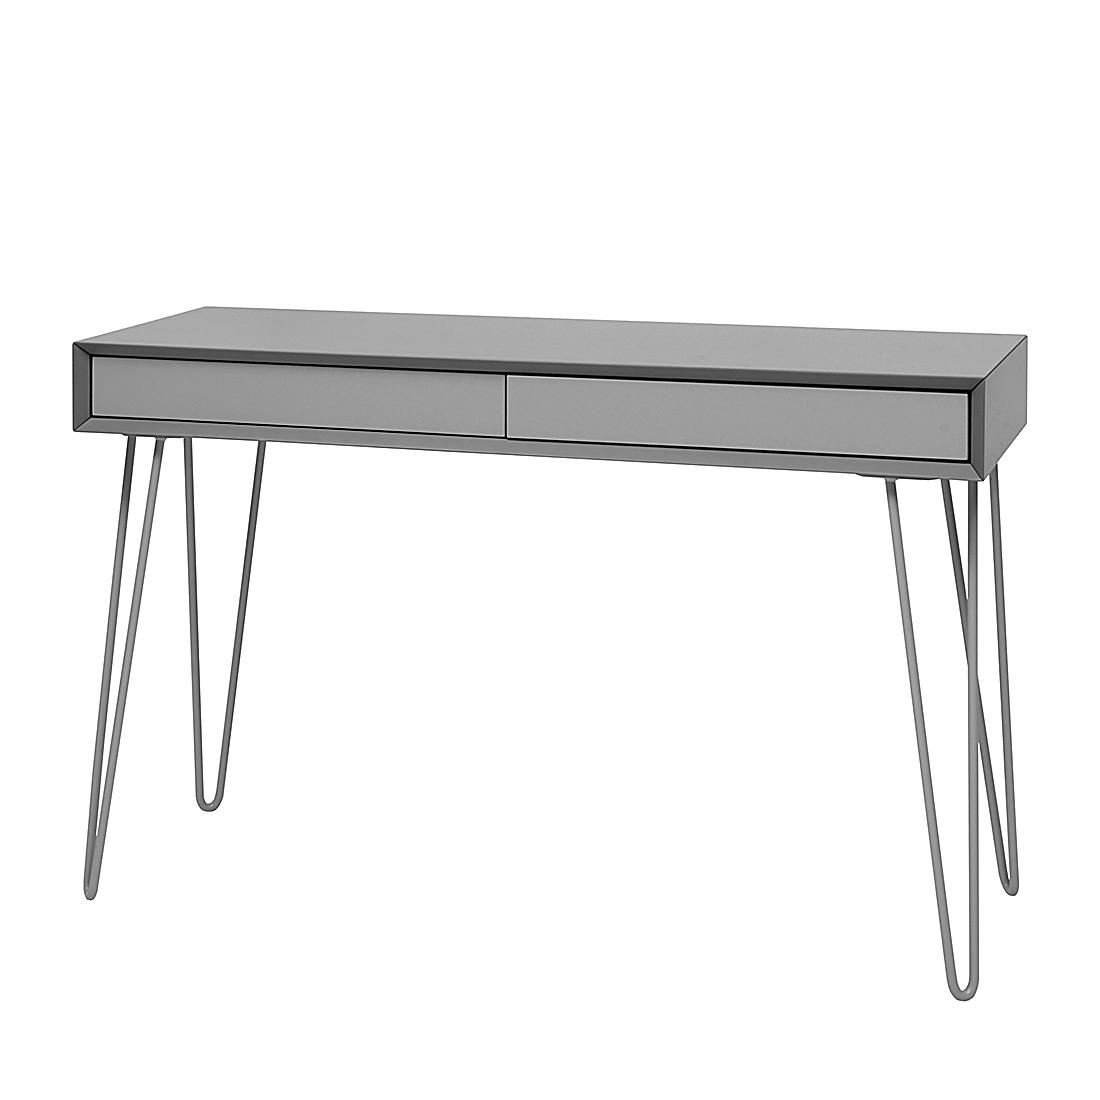 konsolentisch jerrell matt grau m rteens tipps vom. Black Bedroom Furniture Sets. Home Design Ideas